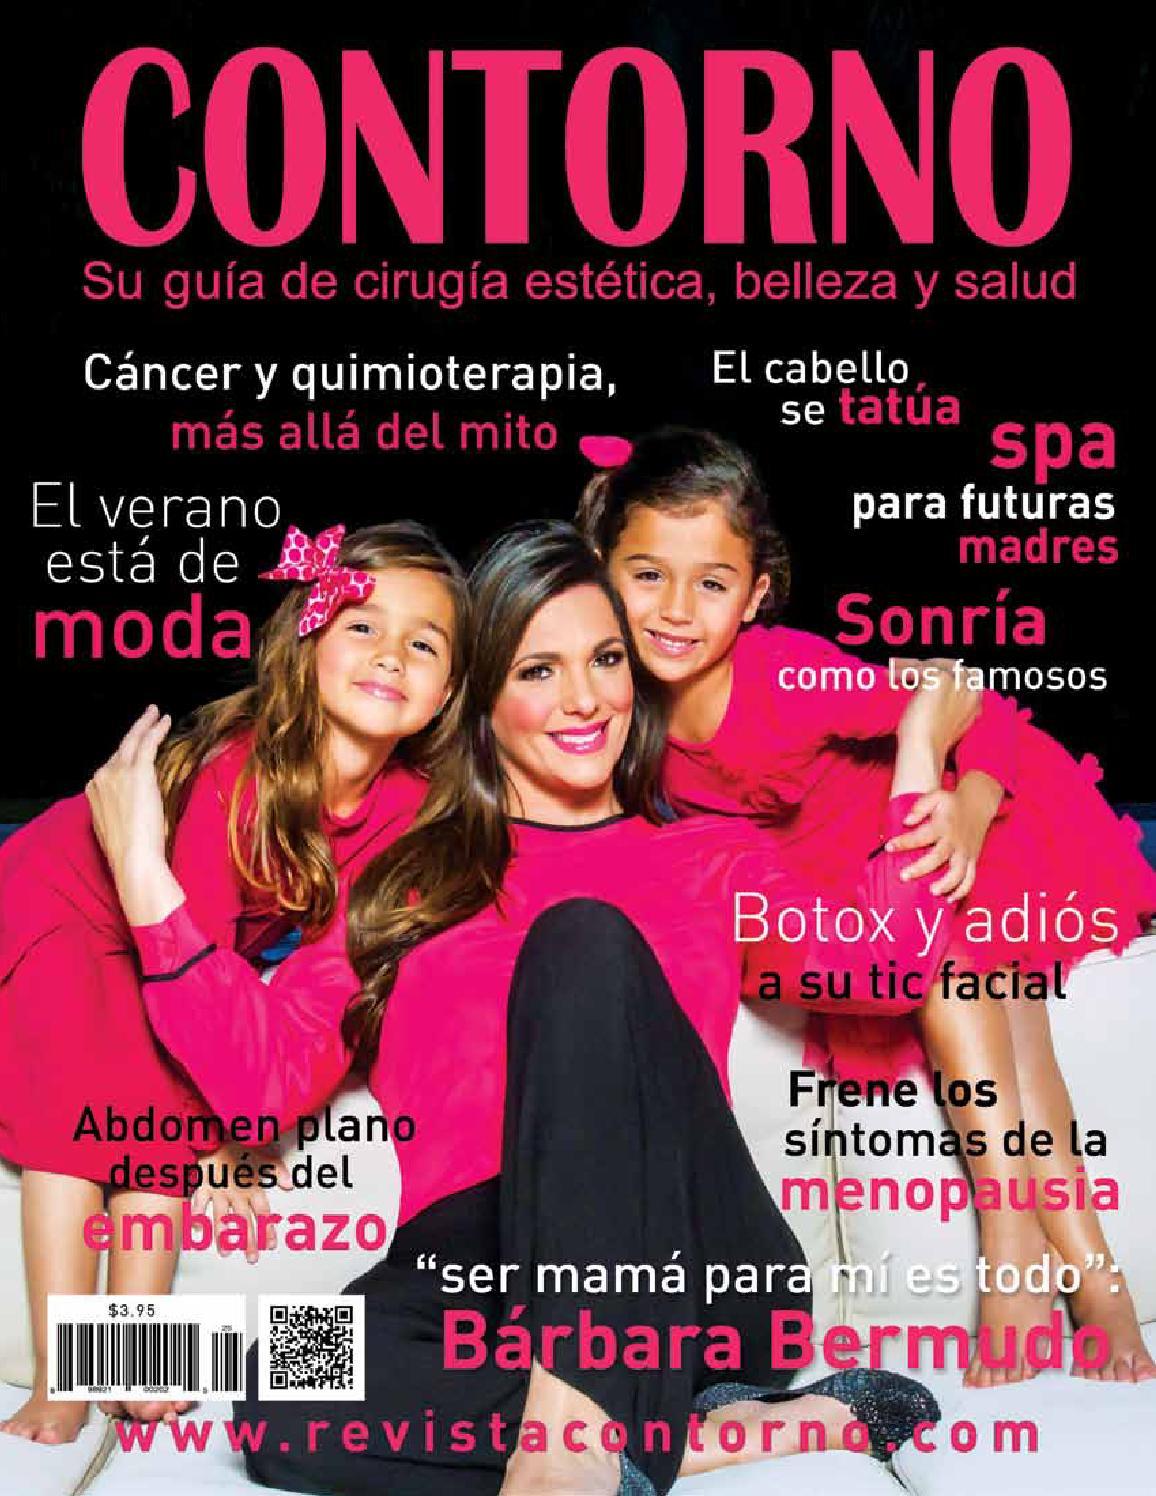 Edición 25 by CONTORNO - Issuu